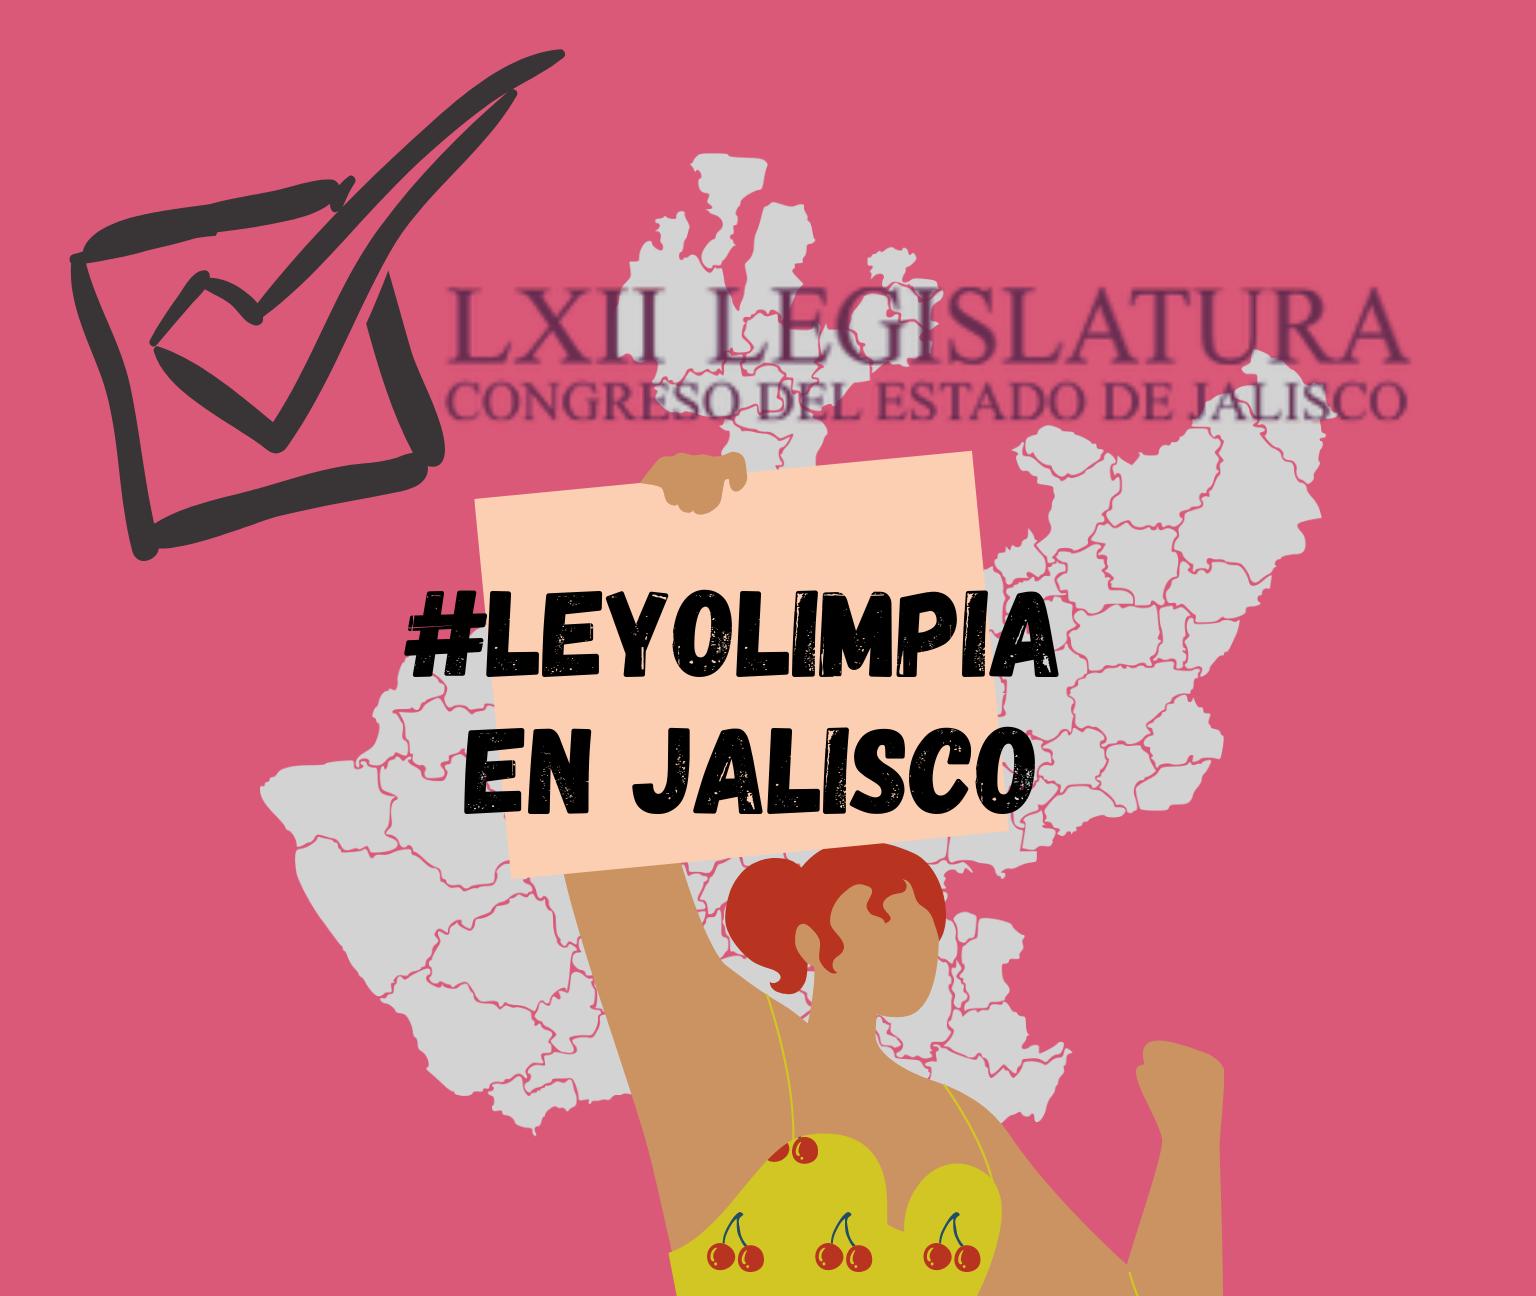 """Colectivas feministas en Jalisco logran que diputados corrijan su """"error"""" y garanticen la seguridad digital de las mujeres en el estado"""